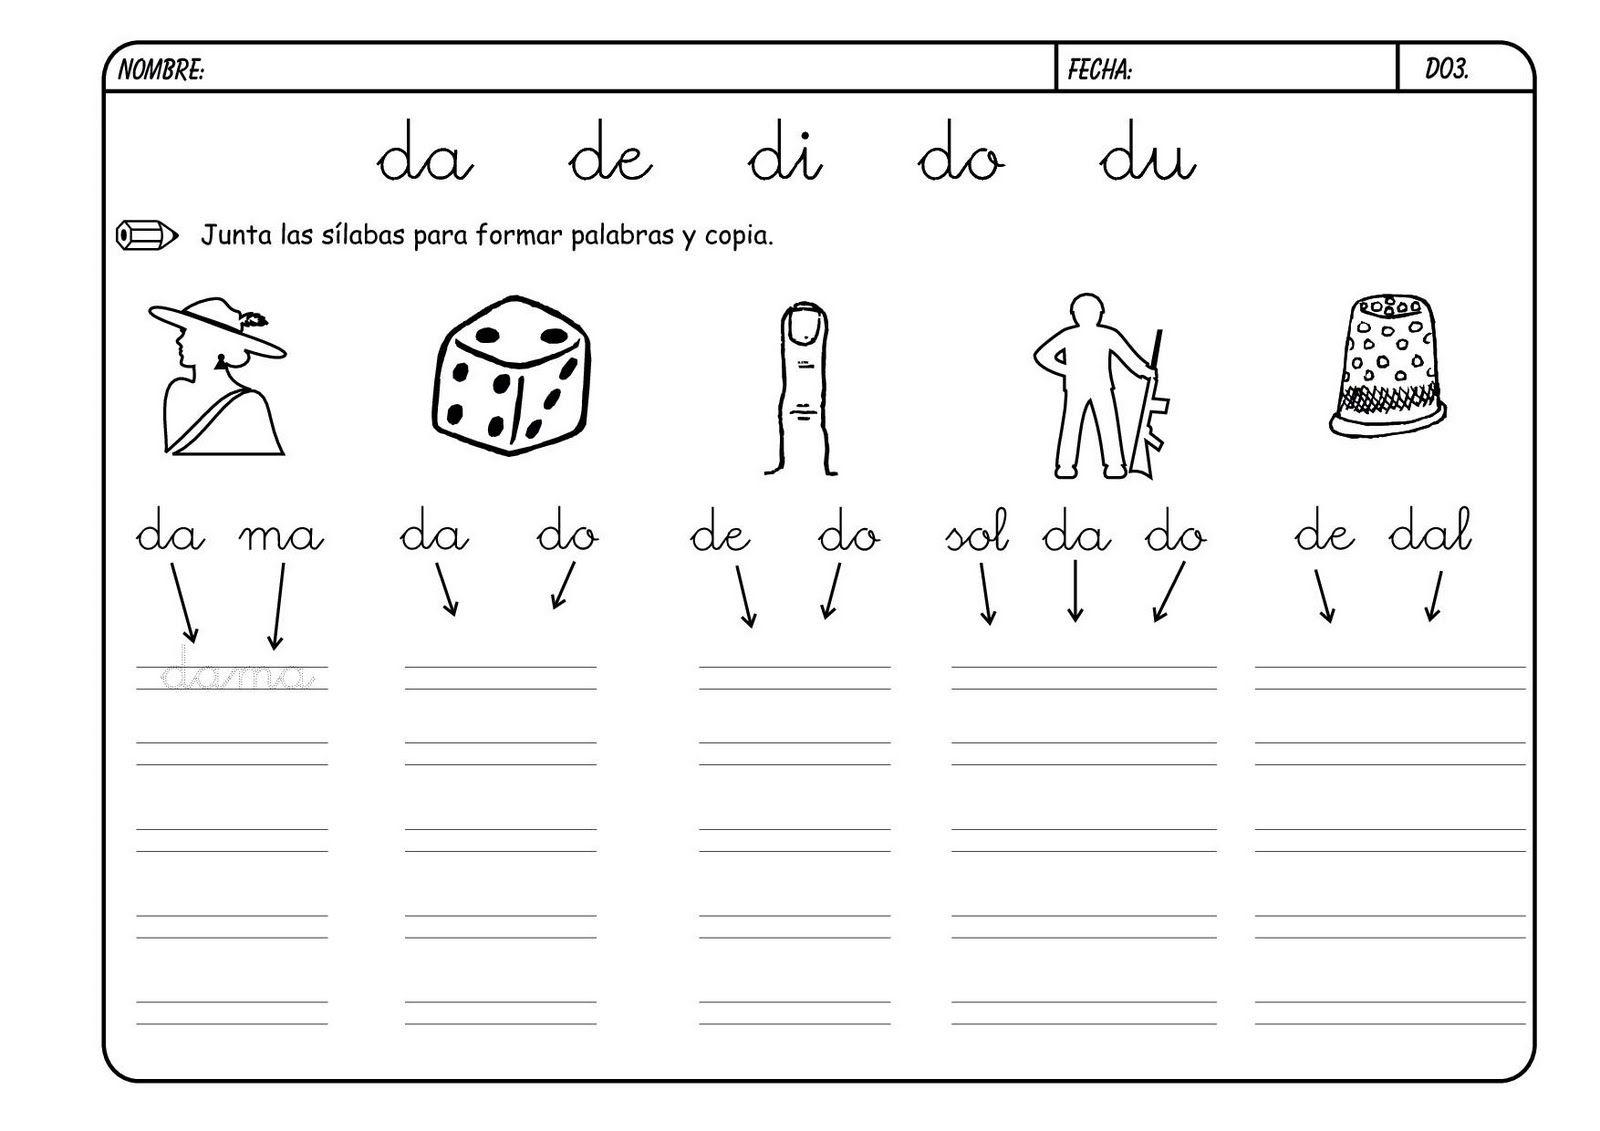 Lectoescritura Con Las Consonantes Hoy Trabajamos La Letra D Y Dr Trabajar La Lectoescritura Mejora El Vocabulario Y L Lectoescritura Letra D Leer Y Escribir